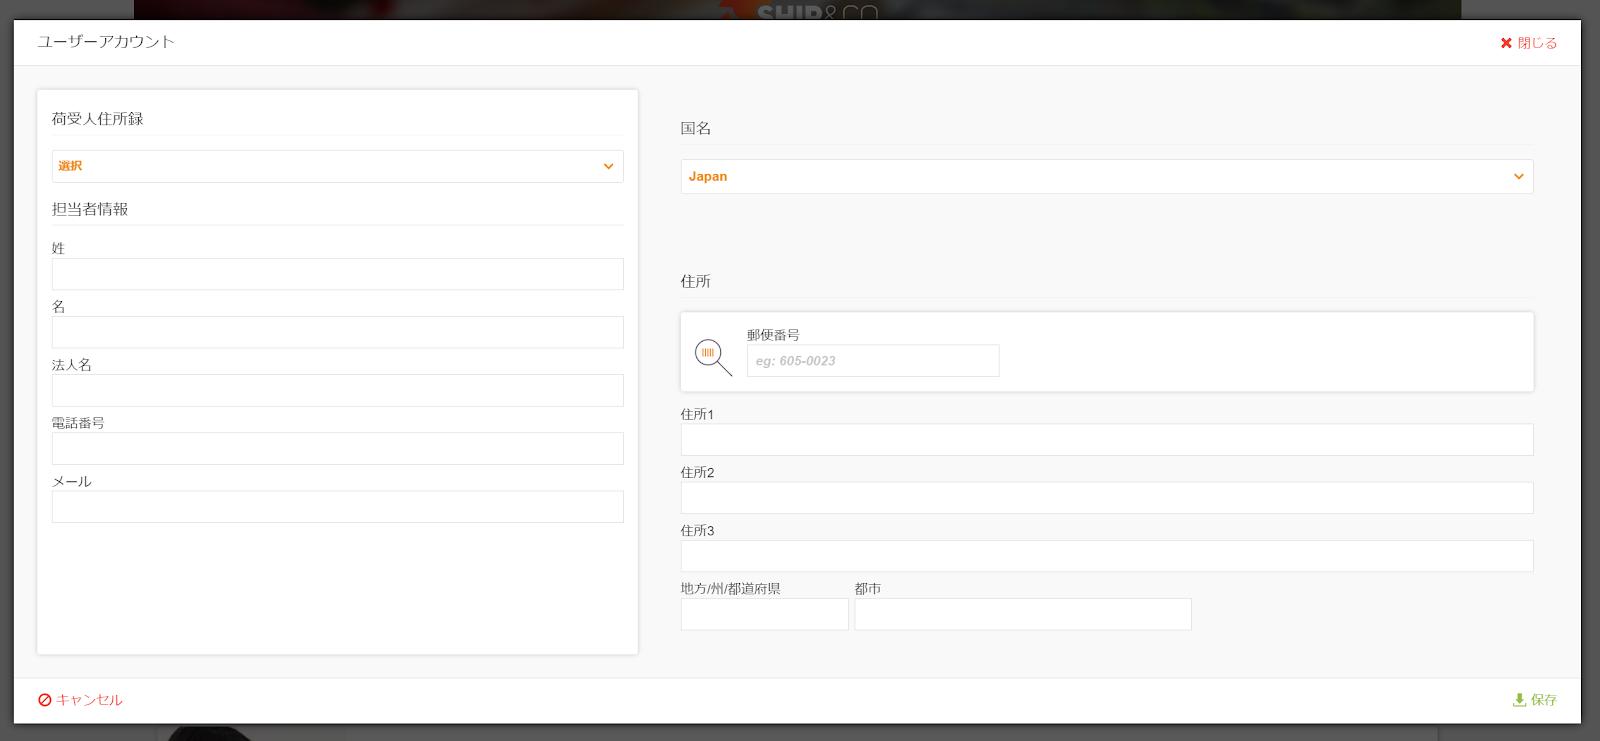 プロフィール入力画面画像